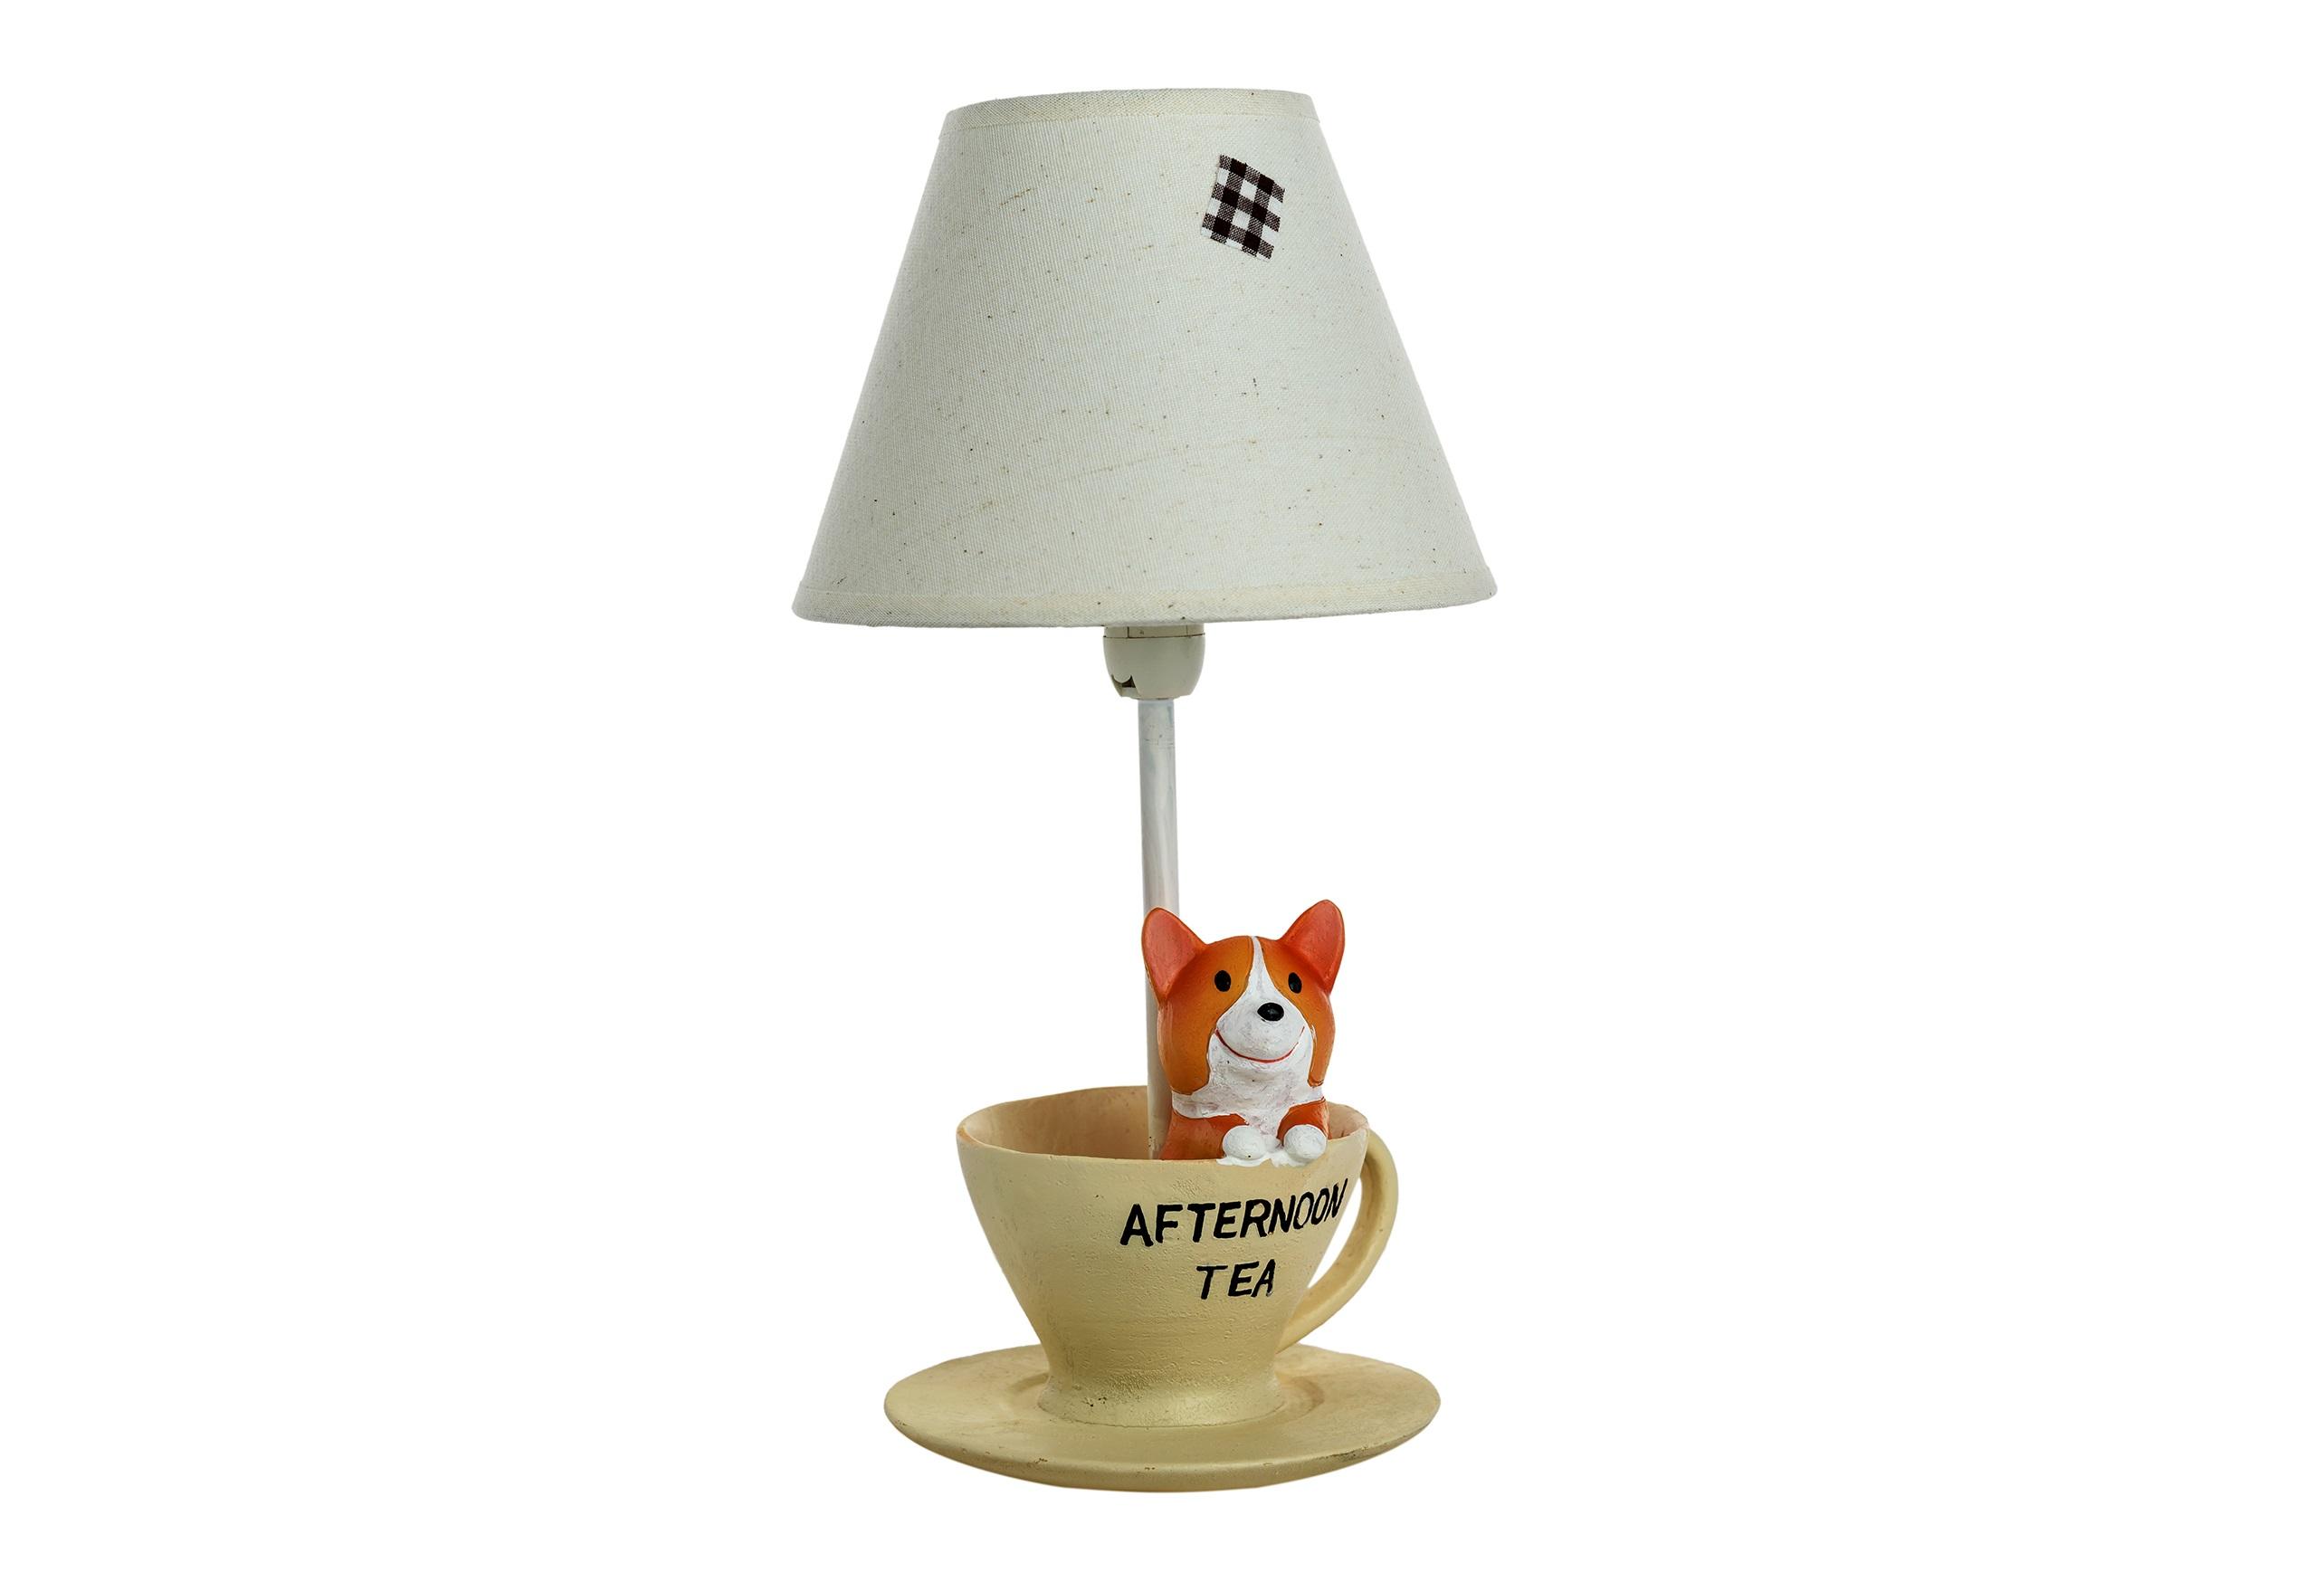 Детская настольная лампа Собачка за чаемДекоративные лампы<br>&amp;lt;div&amp;gt;Тип цоколя: E27&amp;lt;/div&amp;gt;&amp;lt;div&amp;gt;Мощность: 40W&amp;lt;/div&amp;gt;&amp;lt;div&amp;gt;Кол-во ламп: 1 (нет в комплекте)&amp;lt;/div&amp;gt;<br><br>Material: Полирезин<br>Высота см: 16